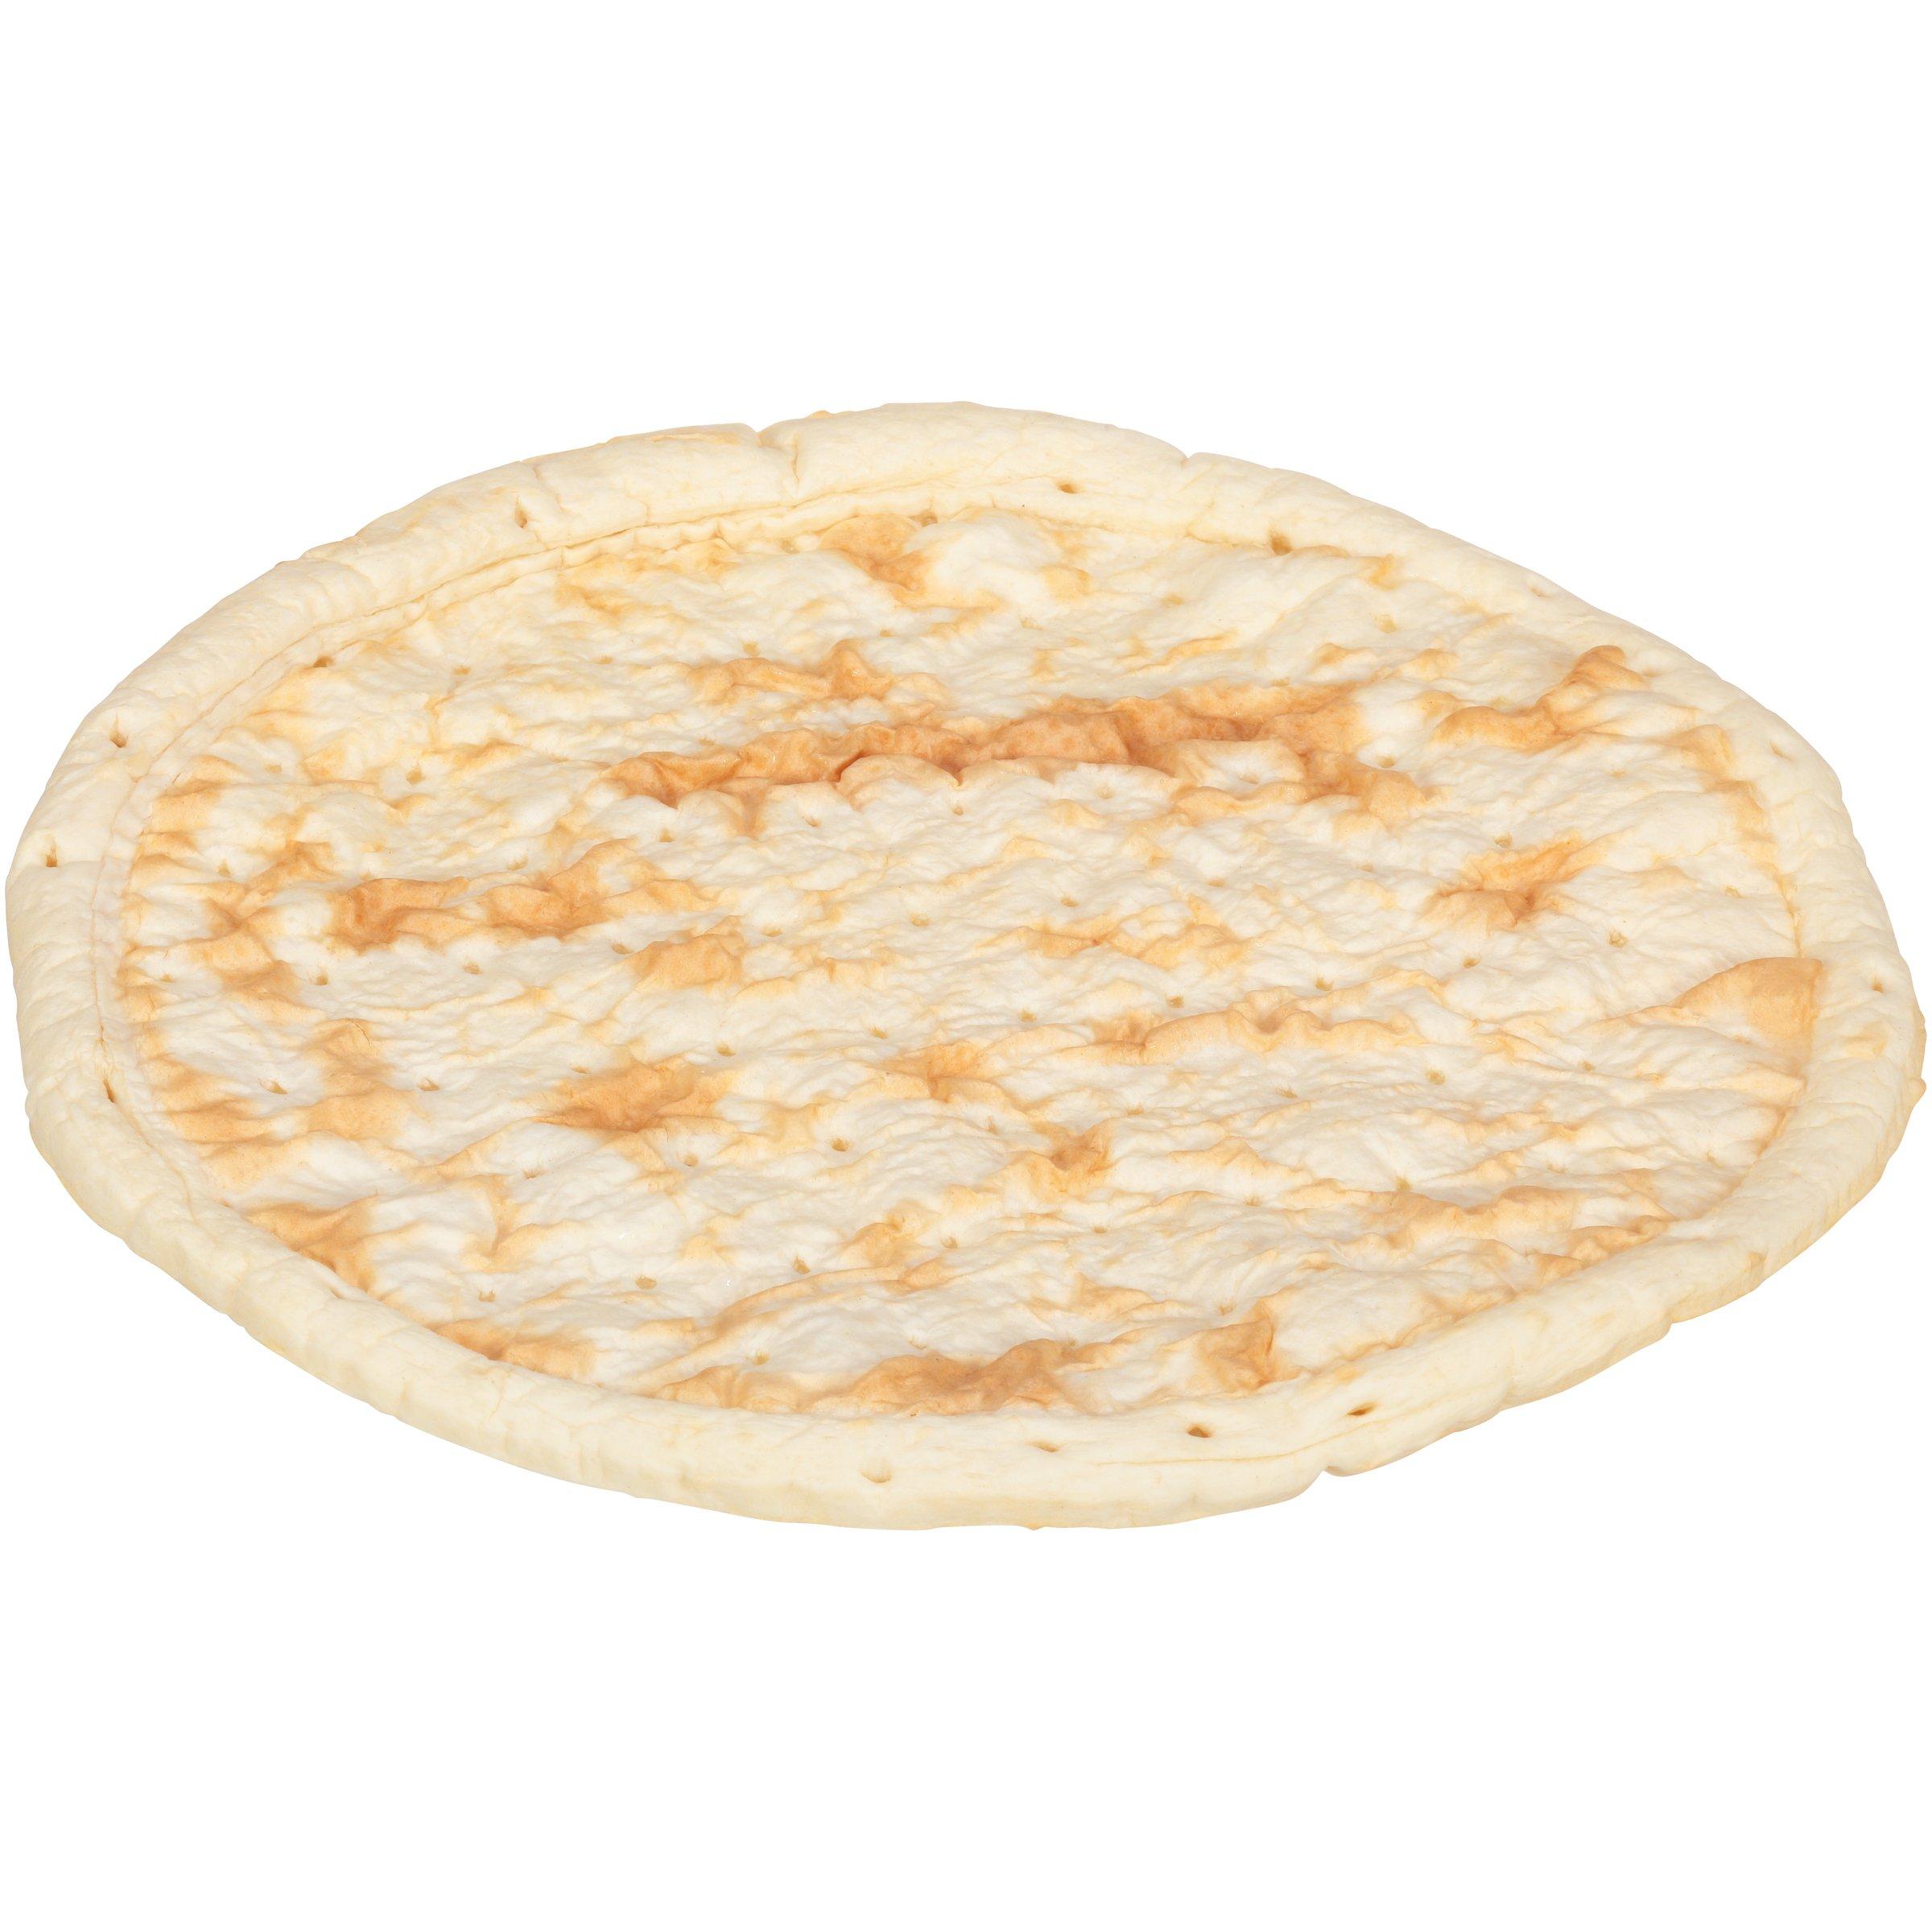 Bonici 12'' Pizza Crust, 4.75 lb, (Pack of 4)